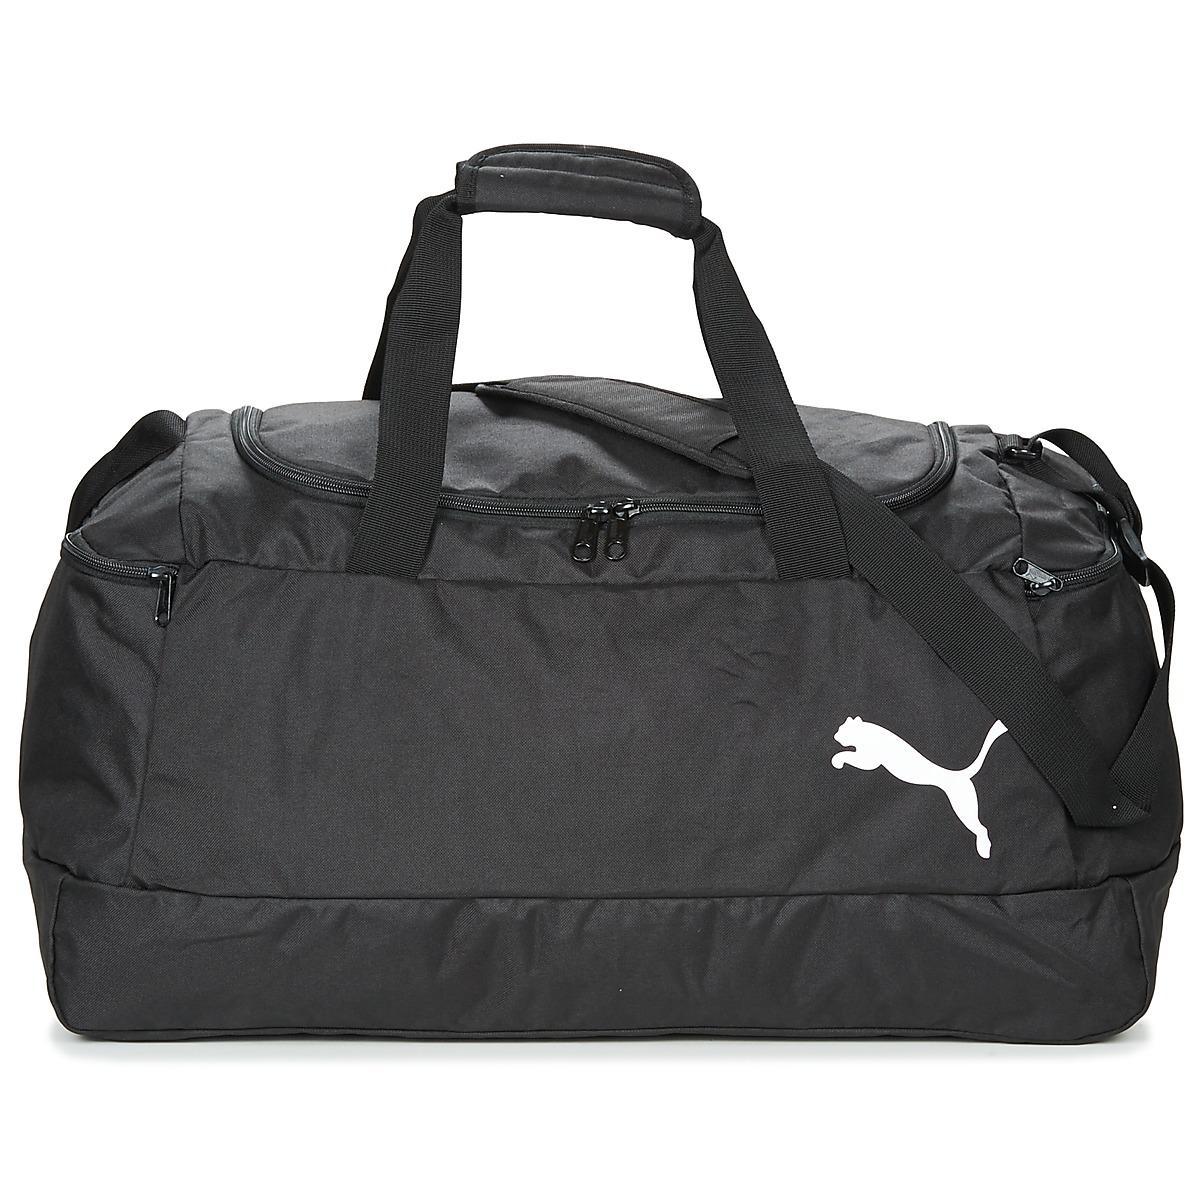 1a633eab324f PUMA Pro Training Ii Medium Bag Sports Bag in Black for Men - Lyst